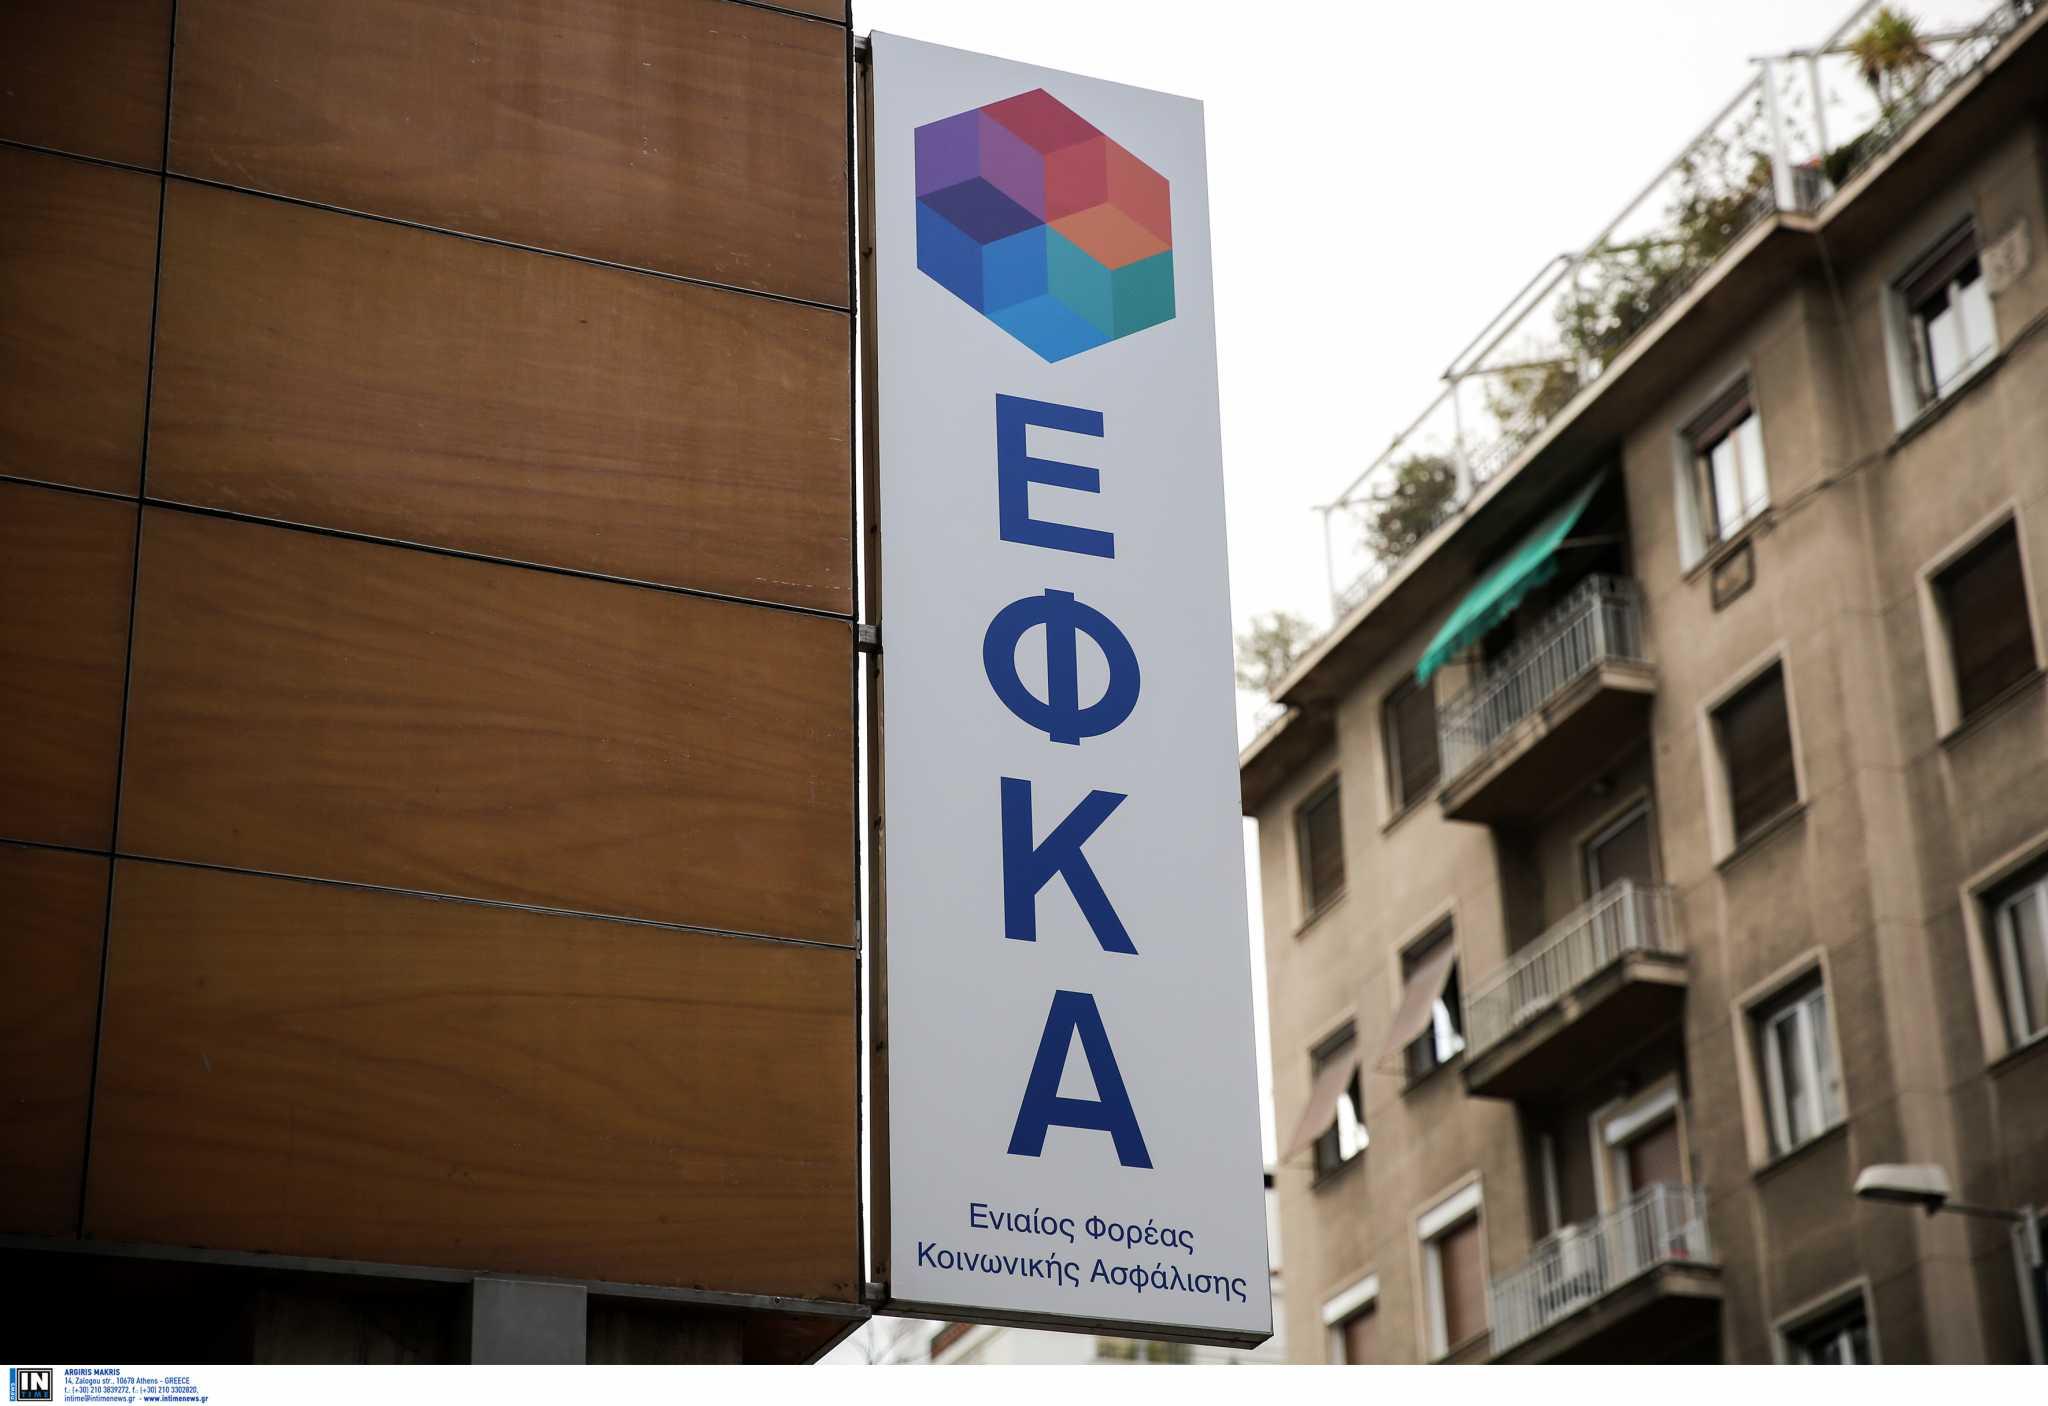 Σύλλογος Alpha Bank: O ΕΚΦΑ αρνείται να επιστρέψει χρήματα που κακώς παρακράτησε από τους εργαζομένους στις τράπεζες